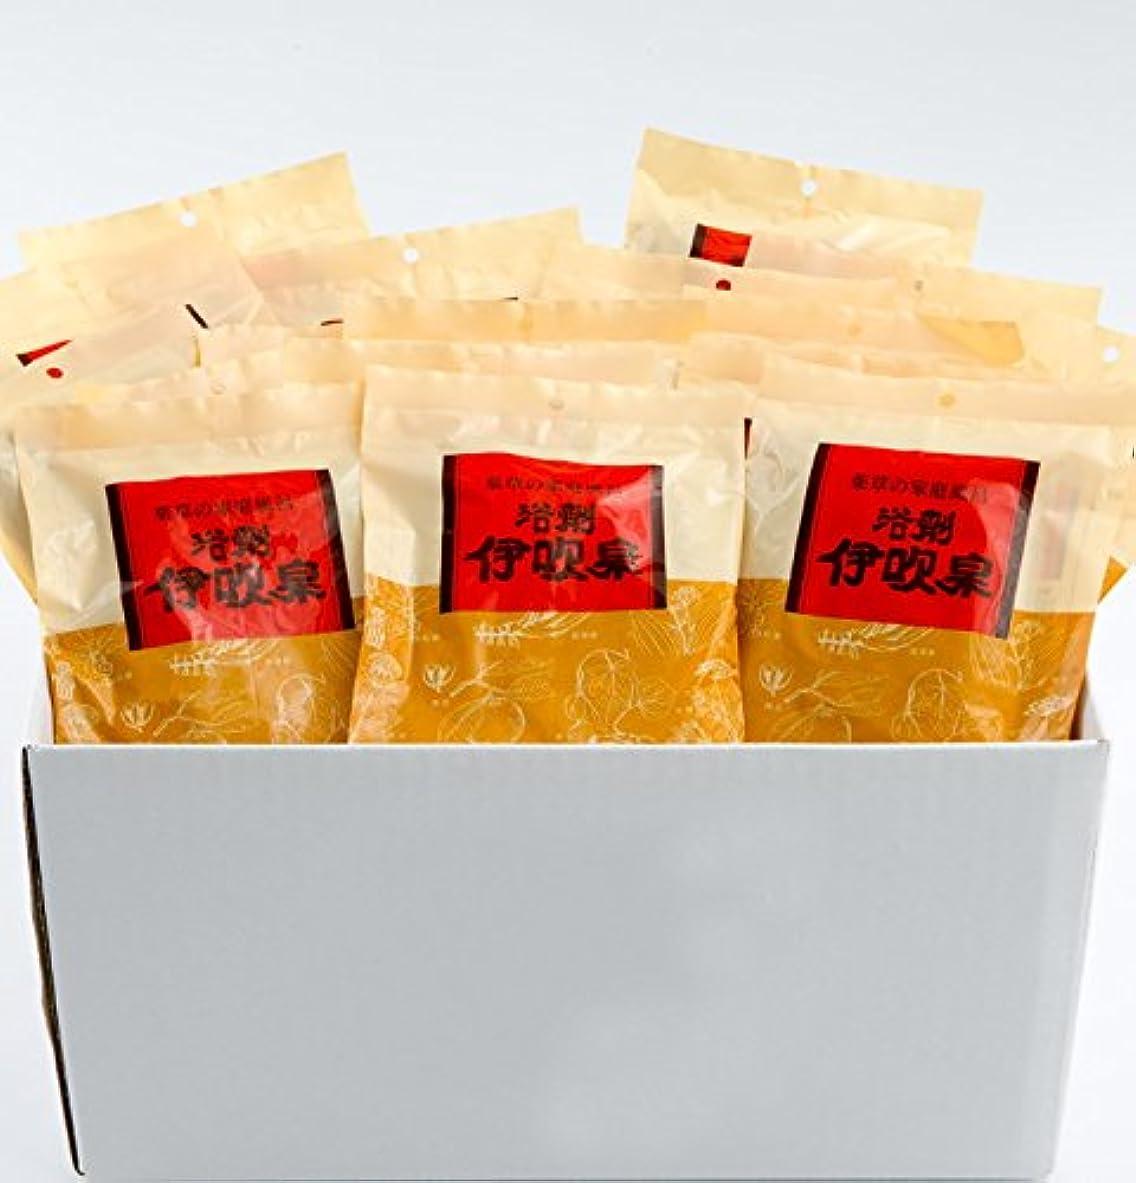 ナンセンス仕出します鼻浴剤 伊吹泉 ~薬草の家庭風呂~ 16袋(32包)セット